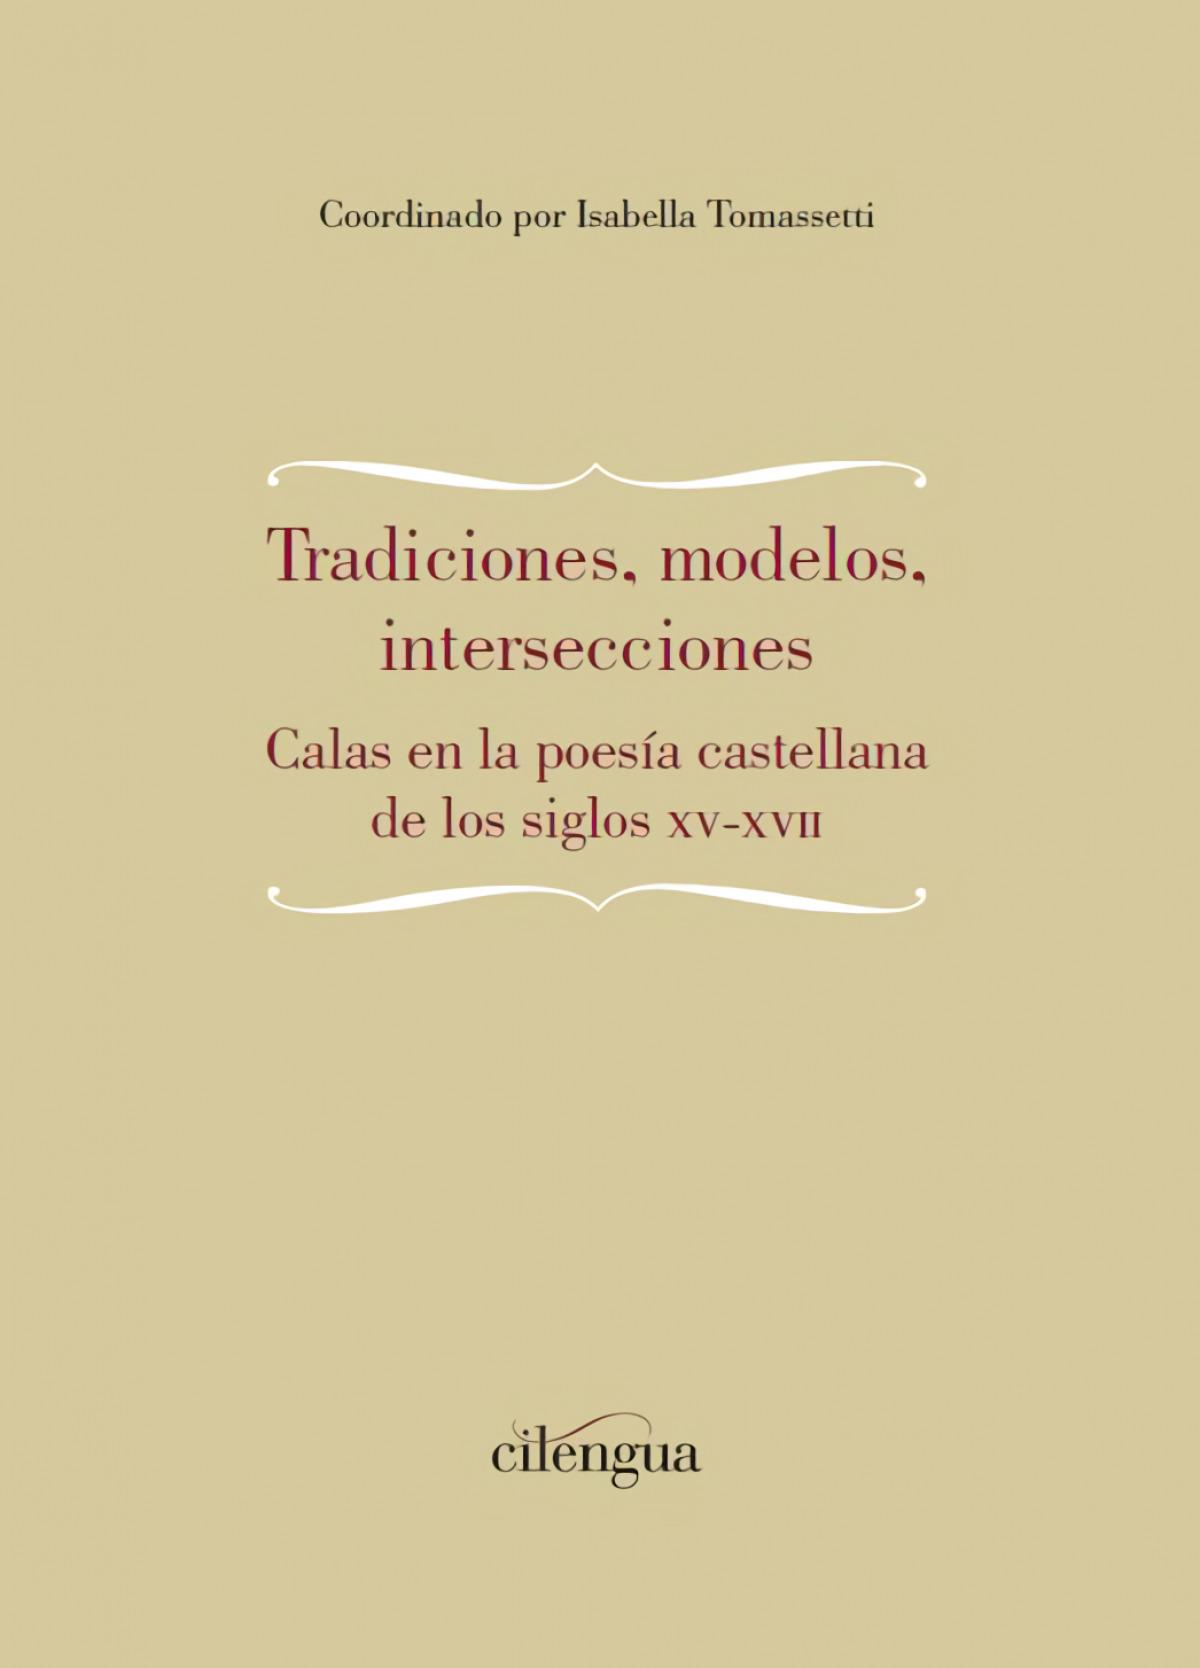 Tradiciones, modelos, intersecciones